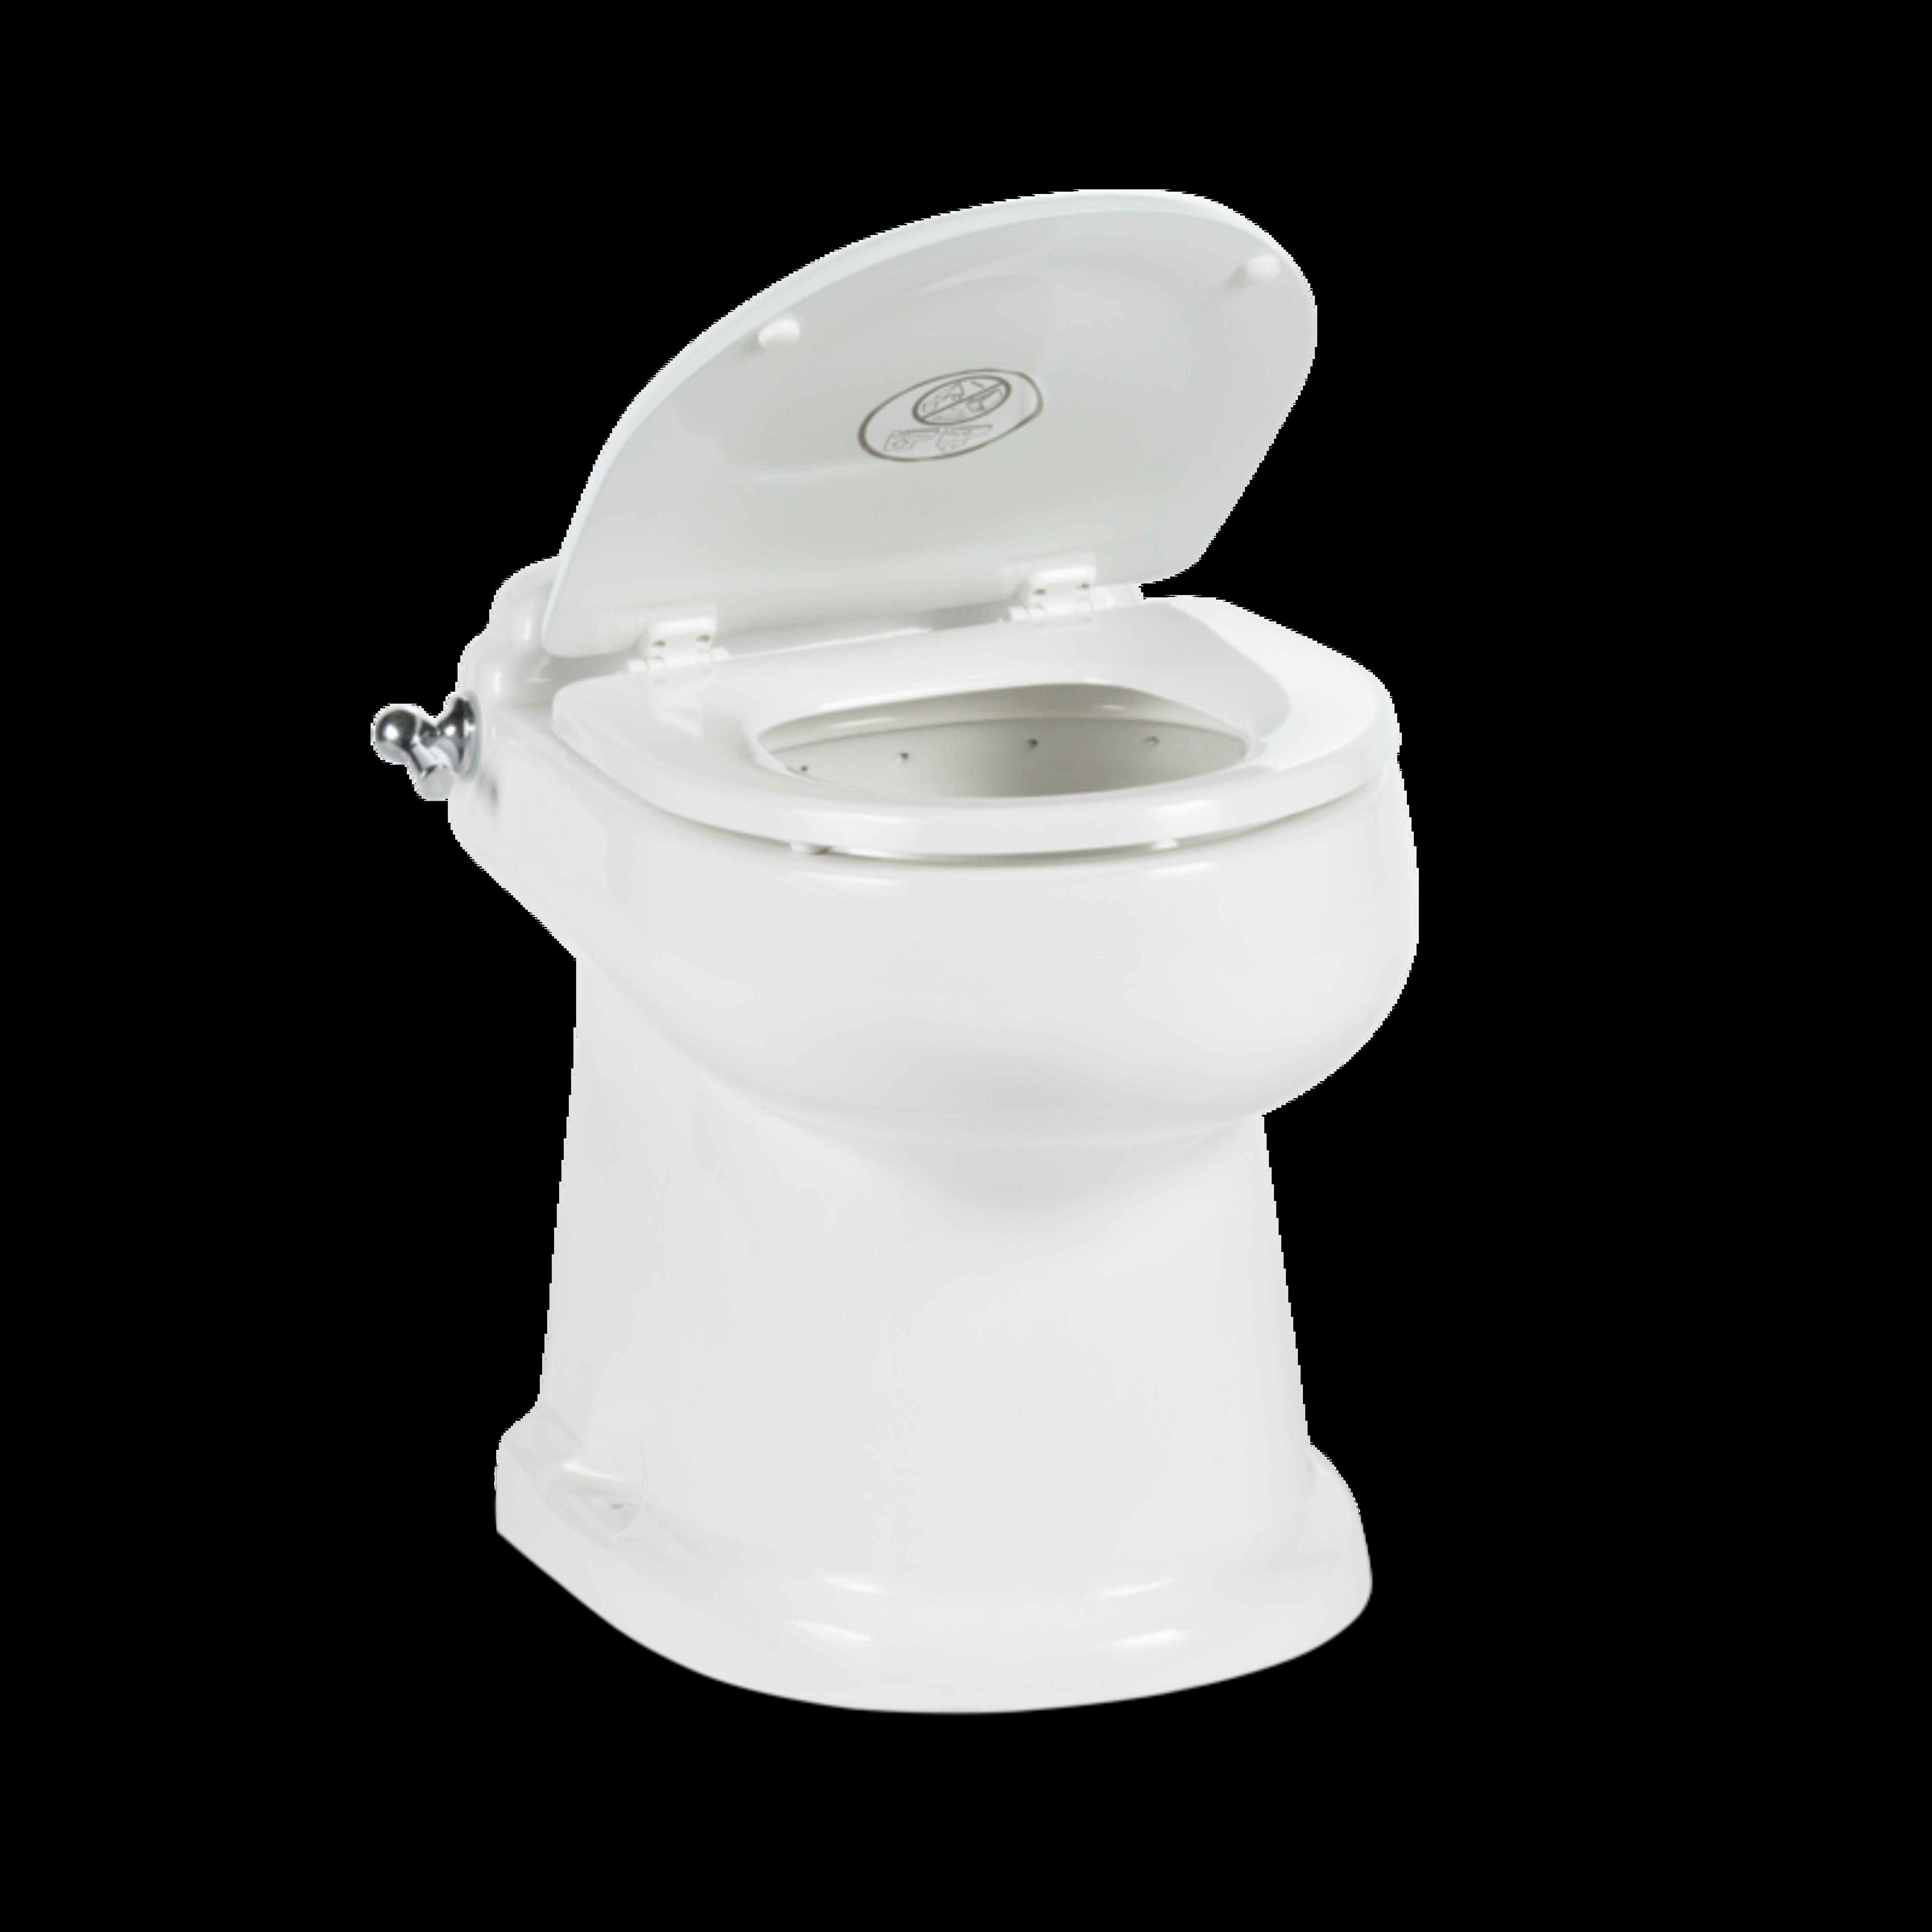 Dometic 4310S Toilet